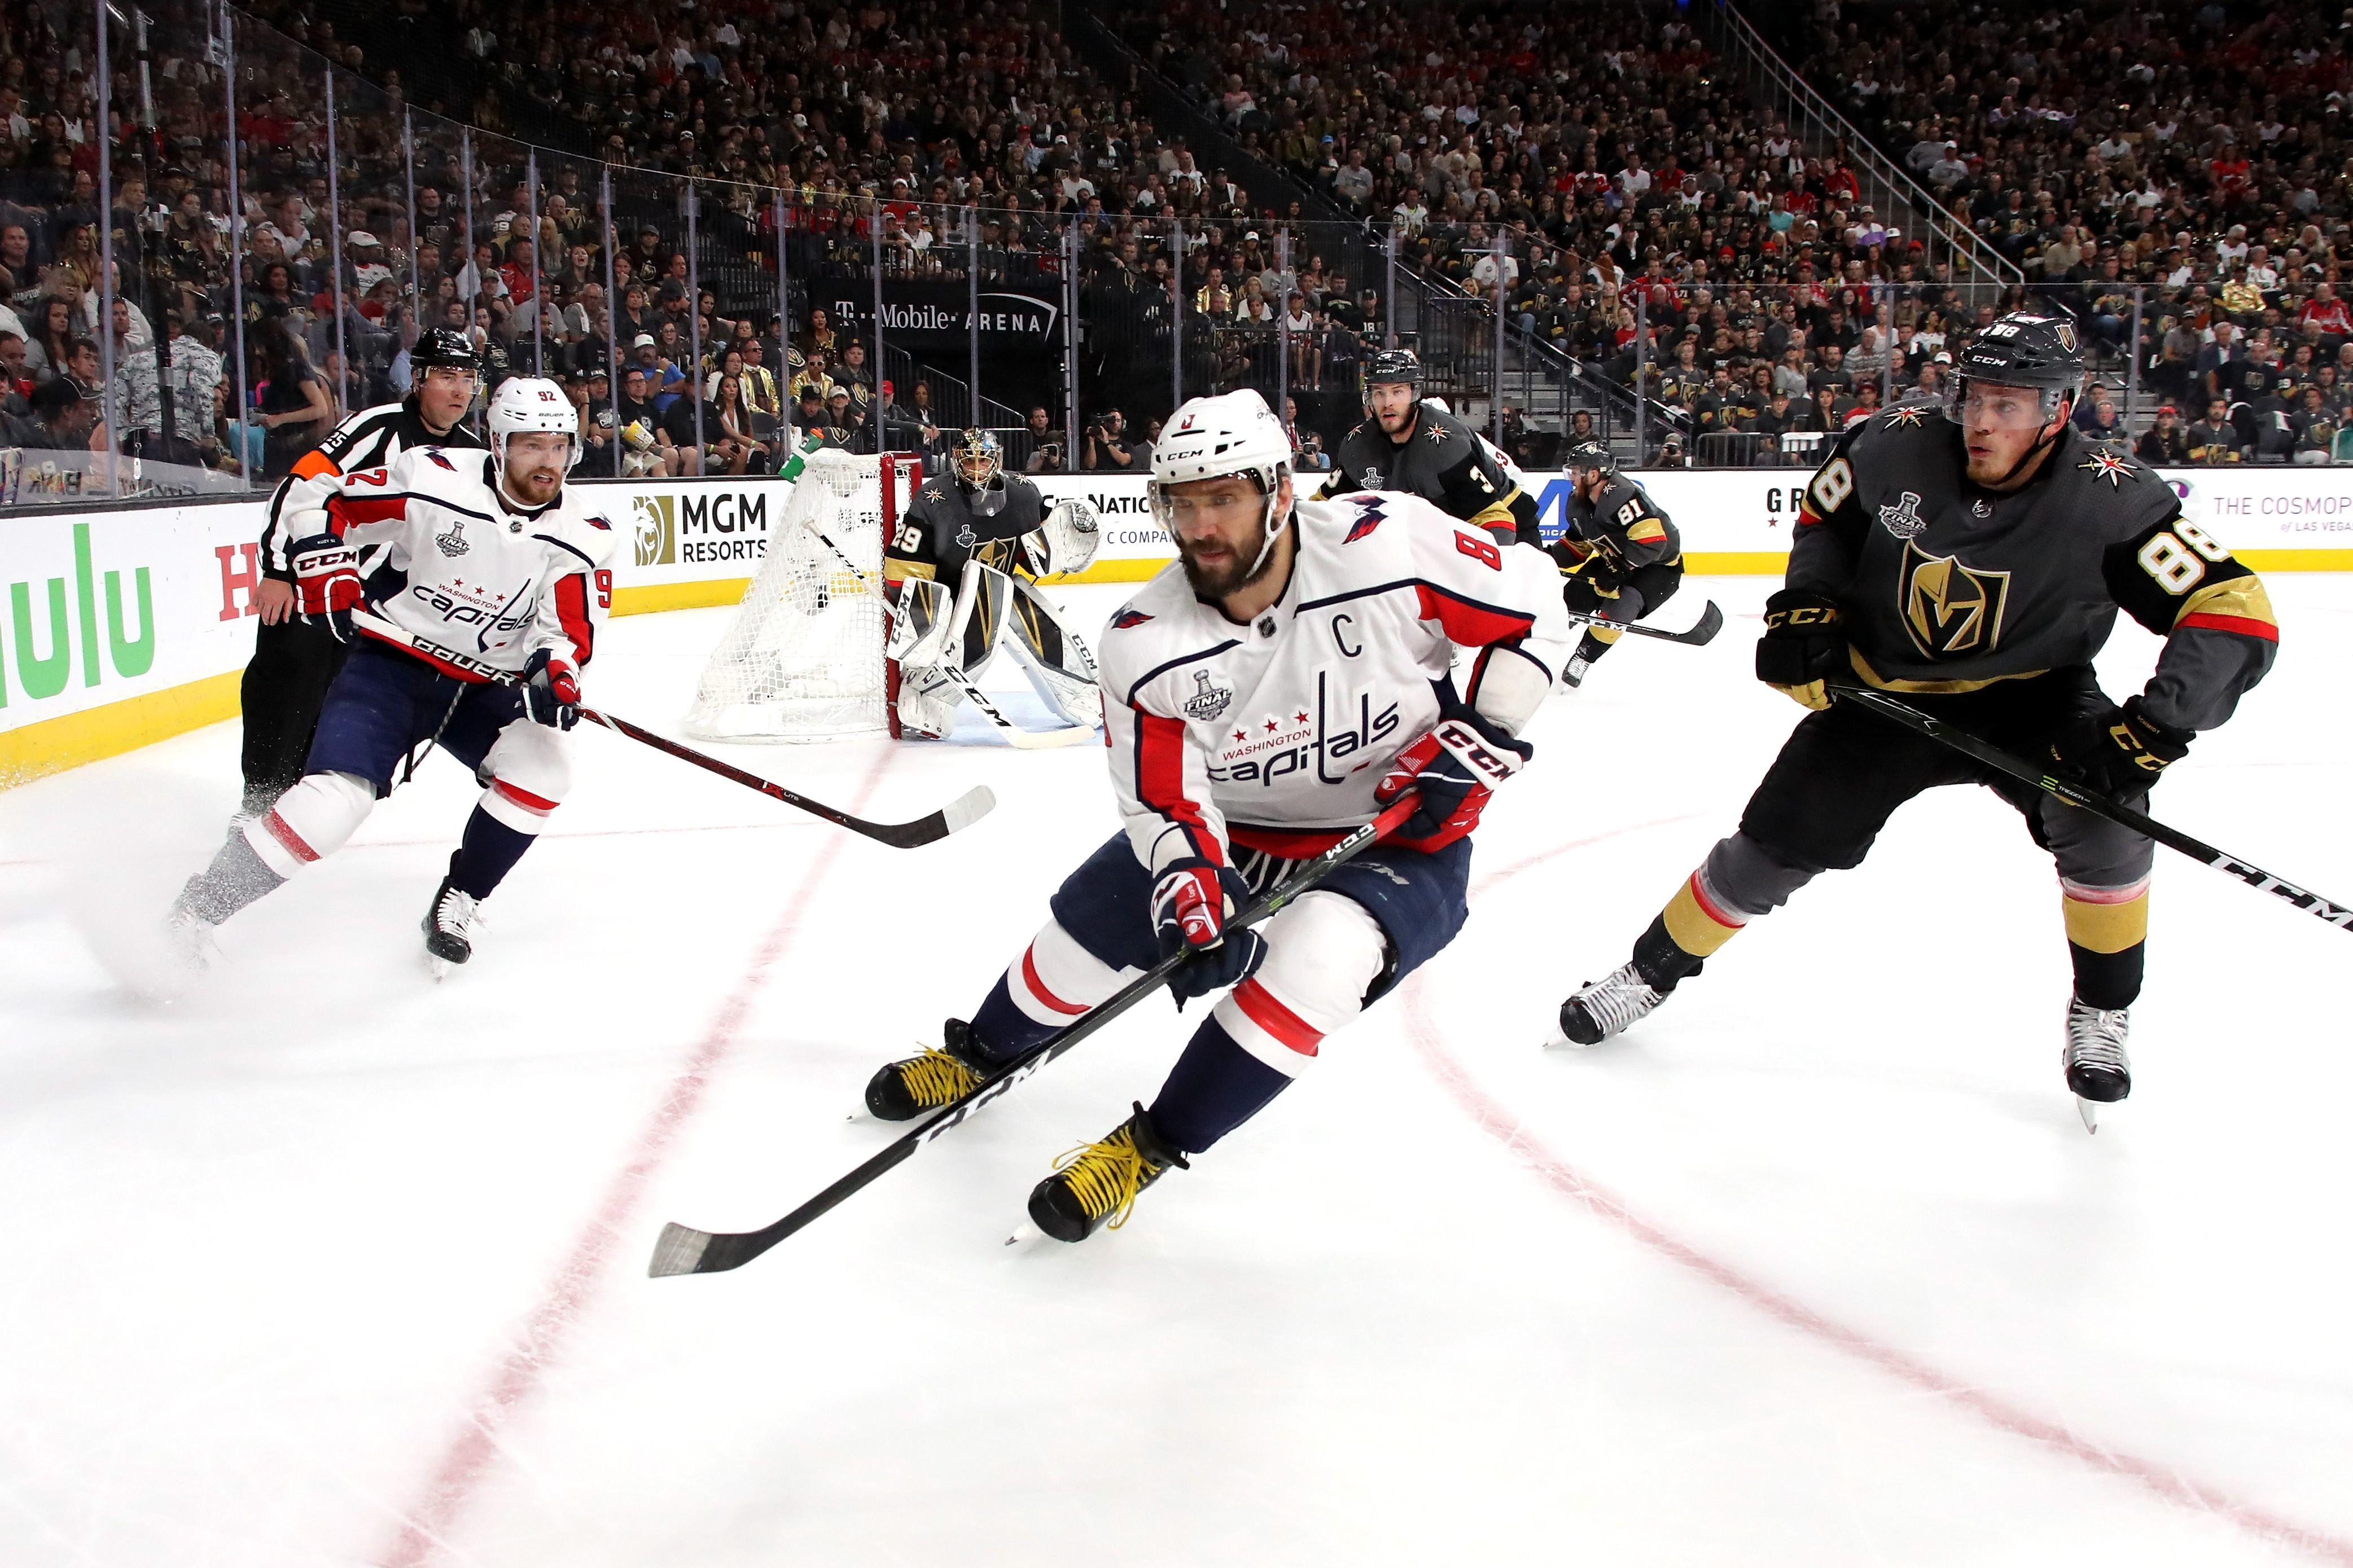 Сможет ли Нэшвилл обыграть Вашингтон На что делать ставки на НХЛ 14 Ноября 2017